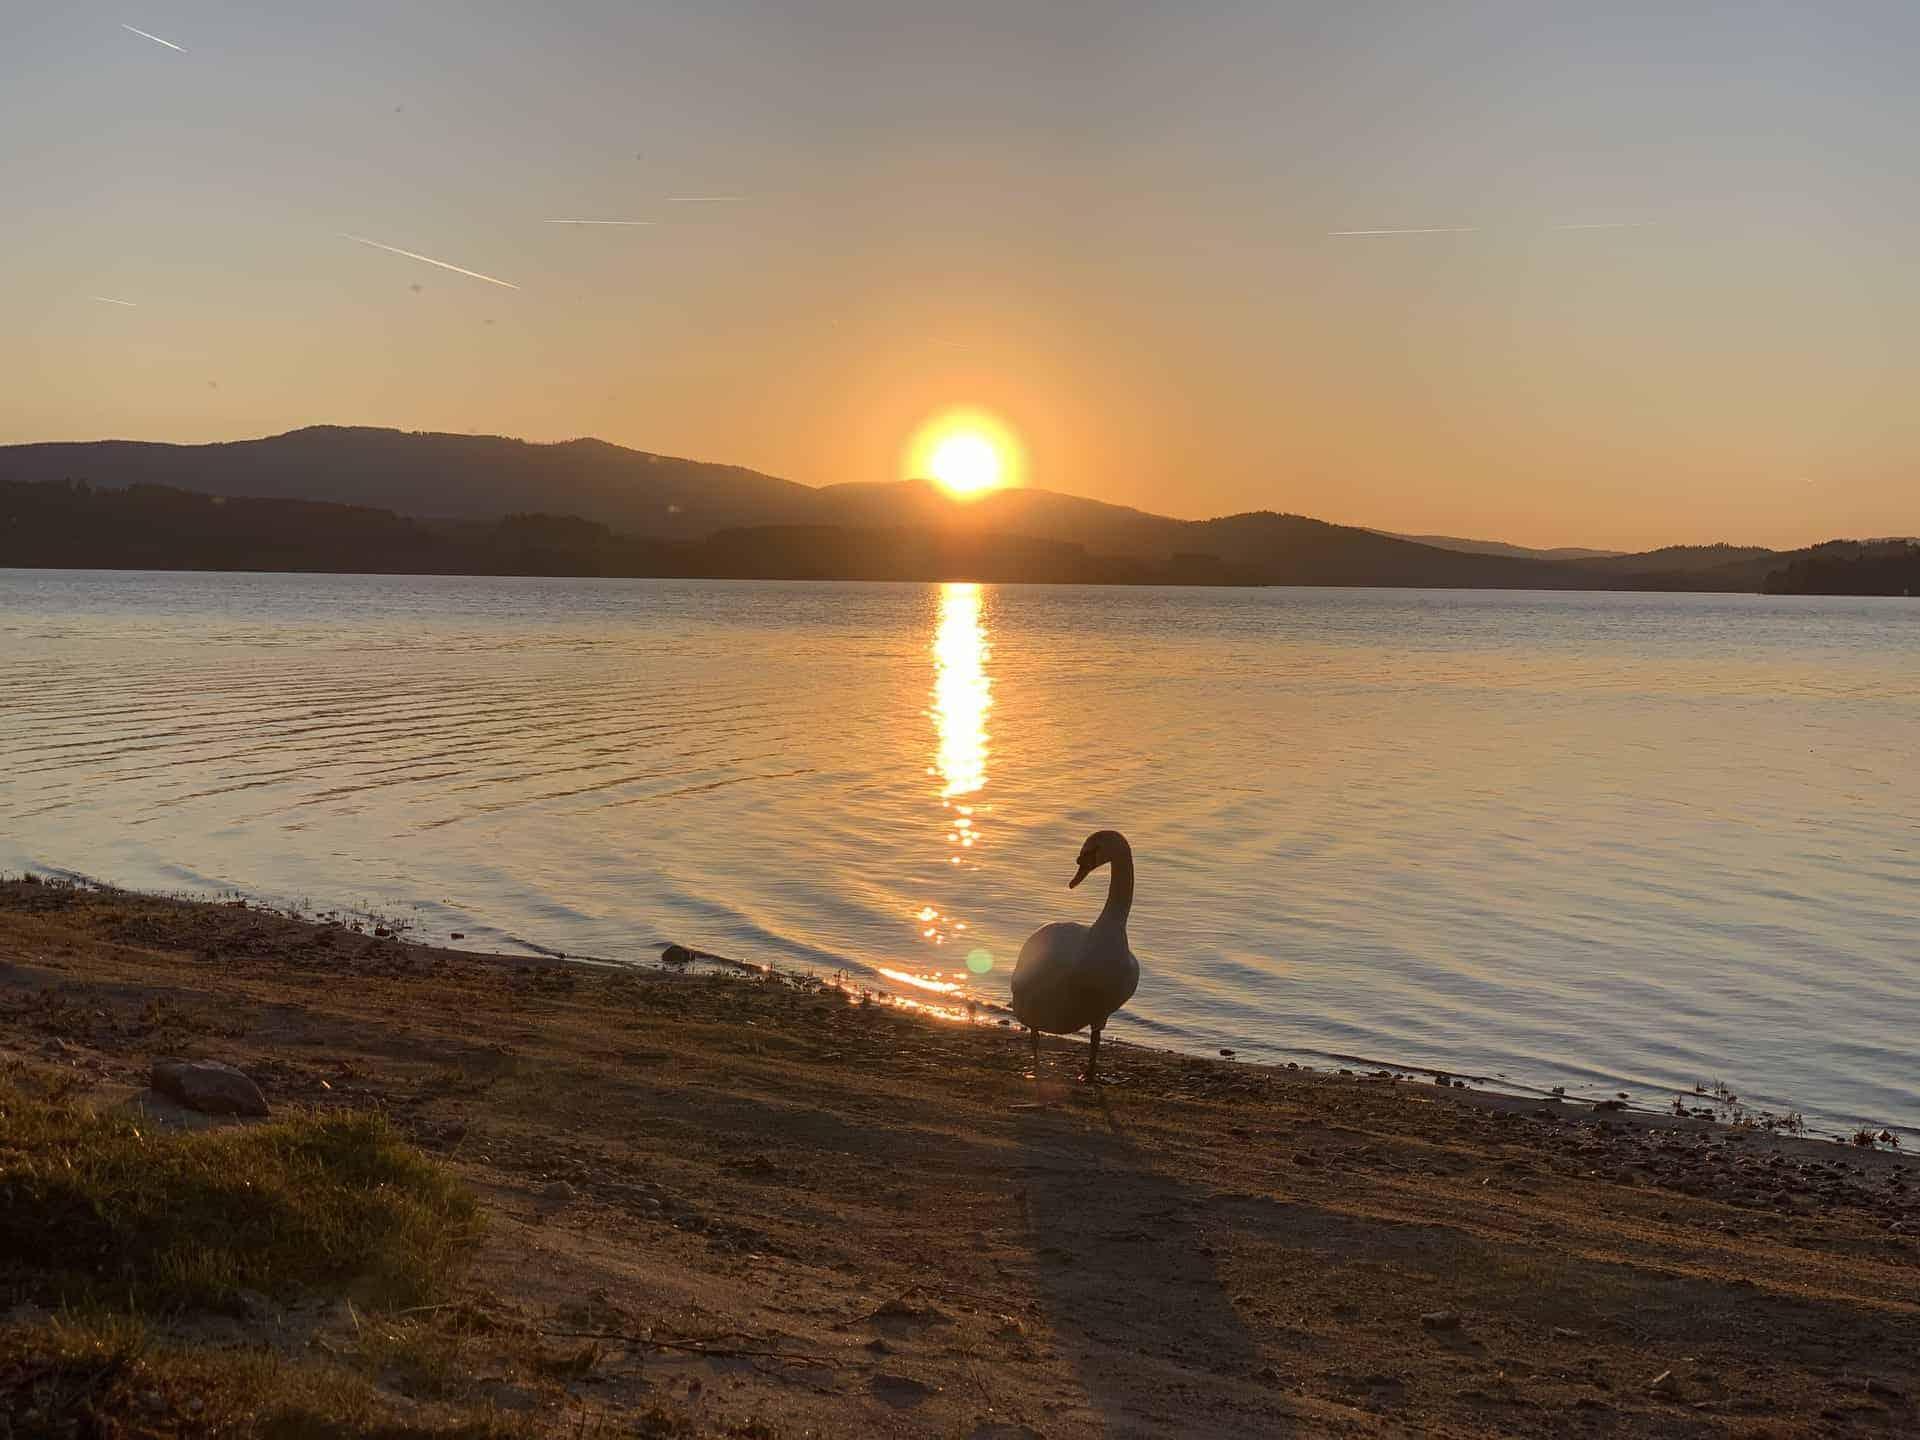 Schöner_Sonnenuntergang_7